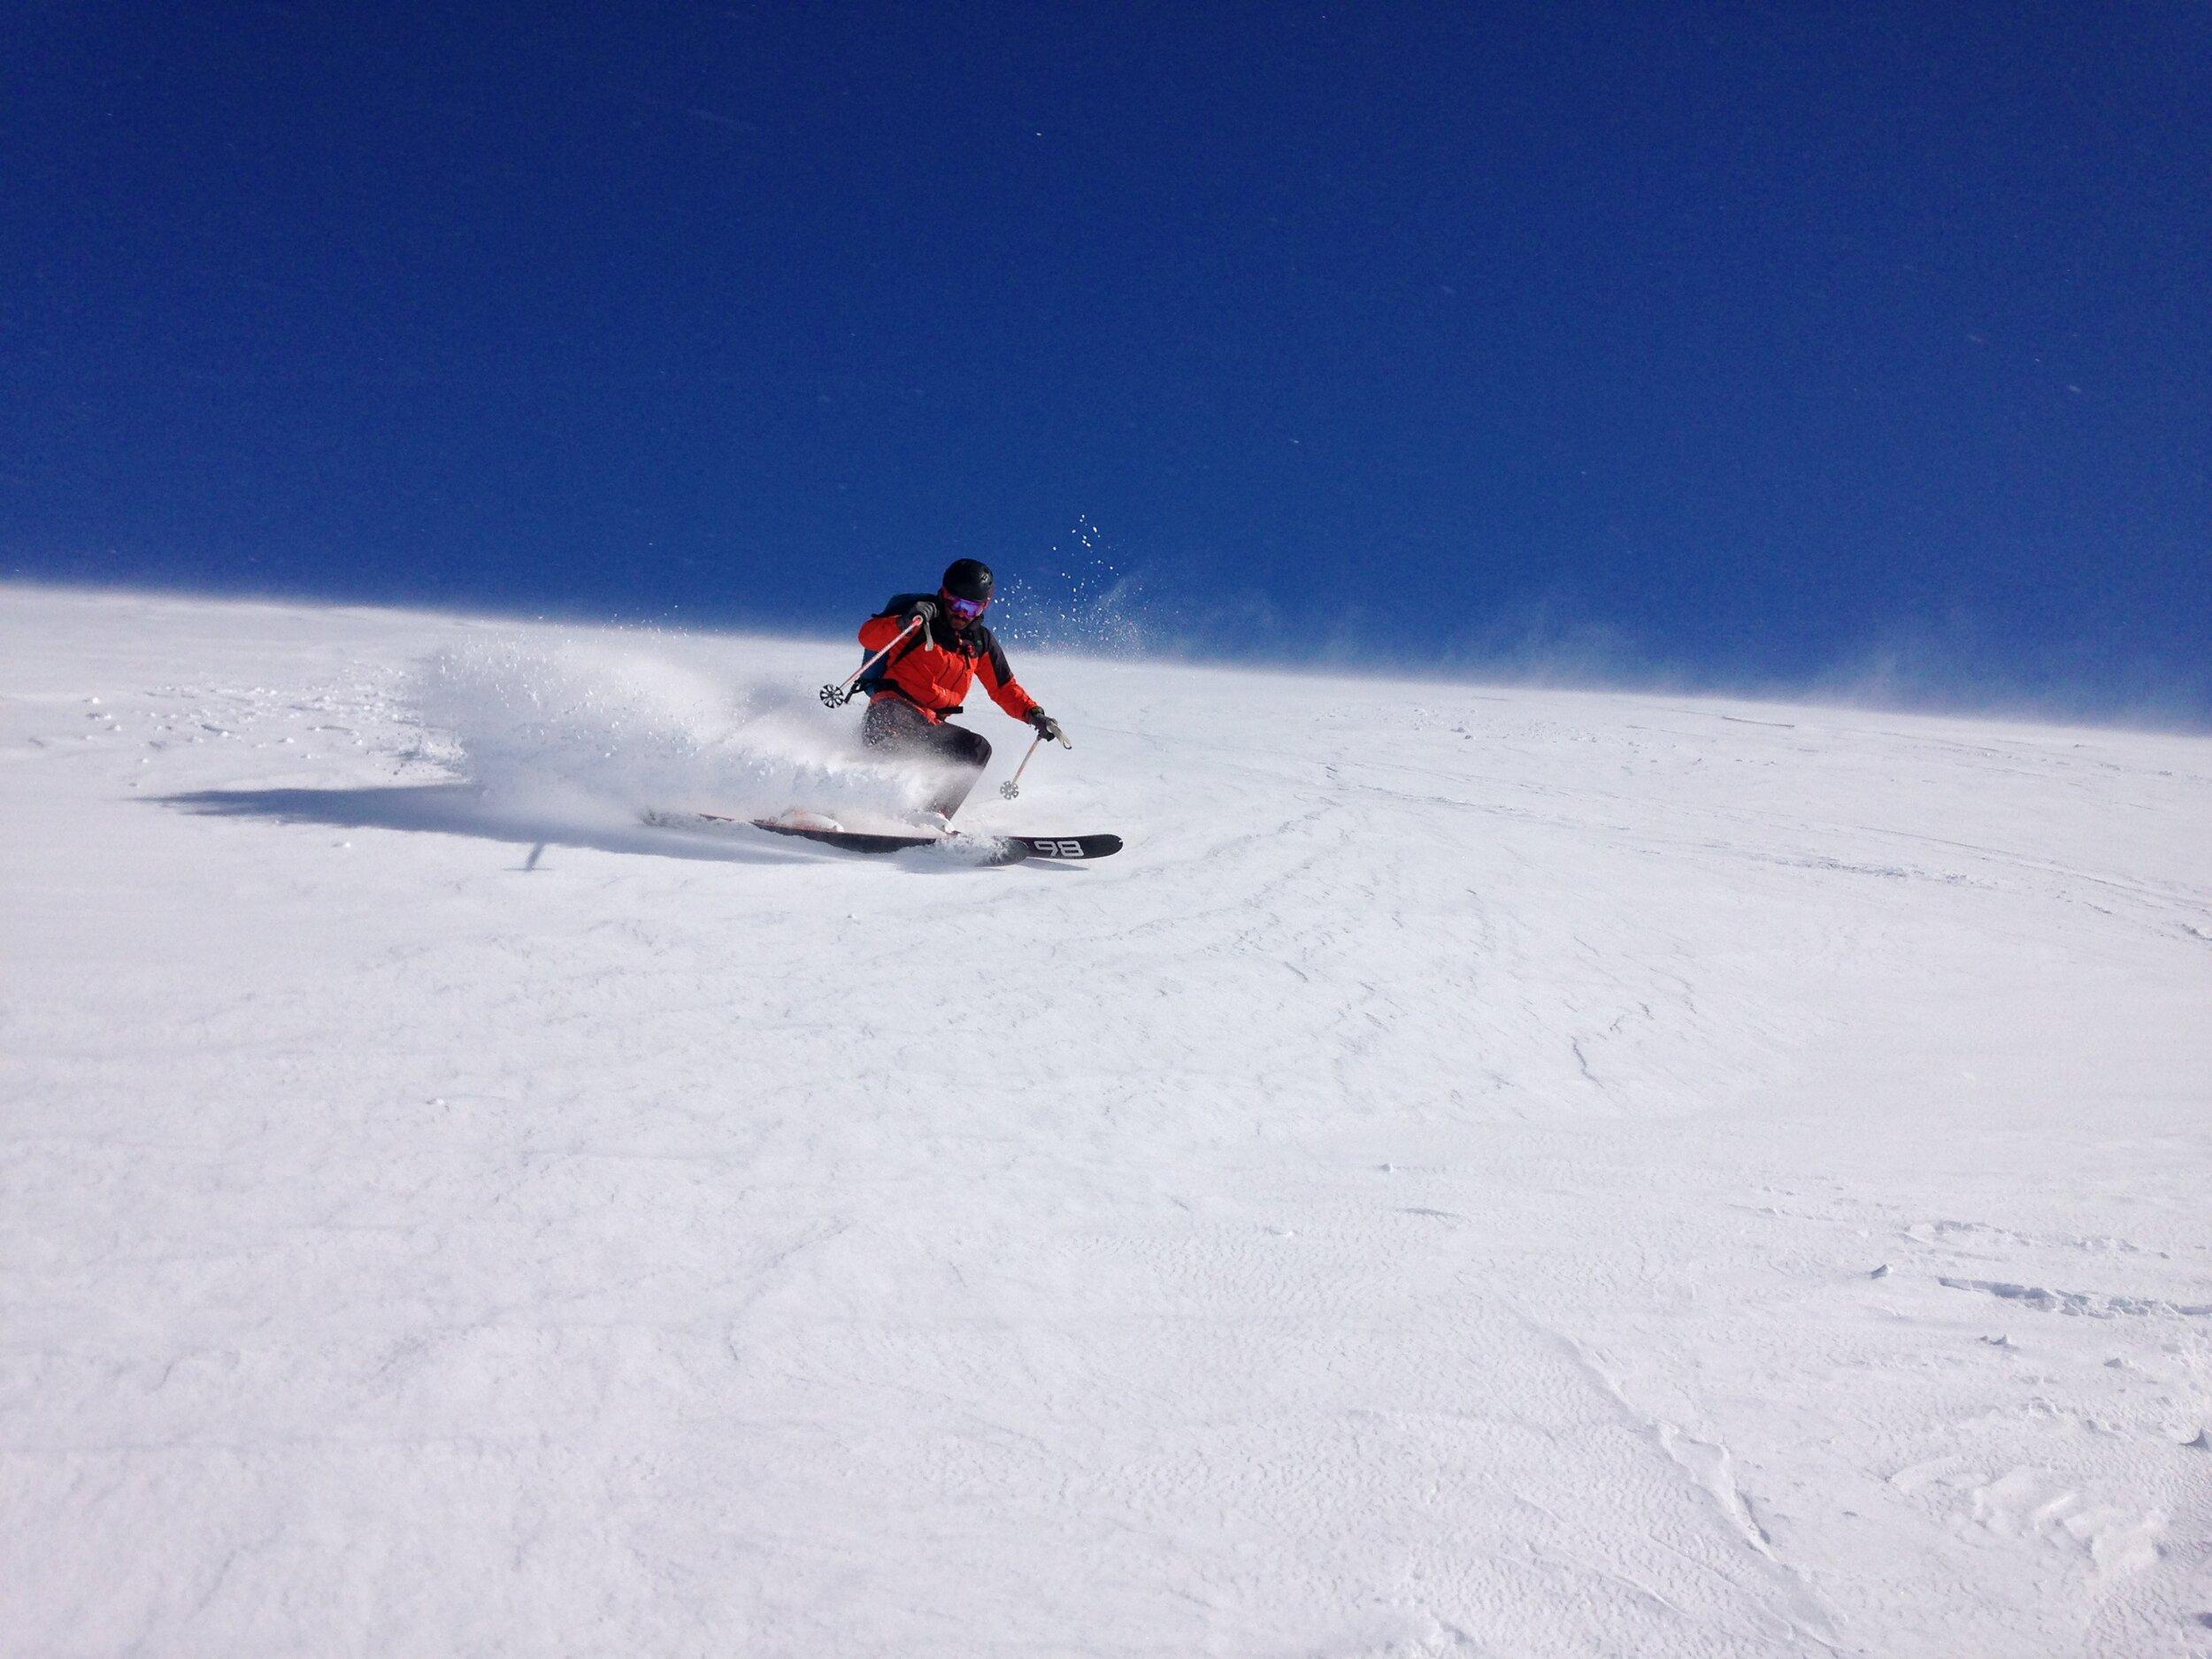 Ski touring near Glenshee - skier Philip Ebert Spring 2018